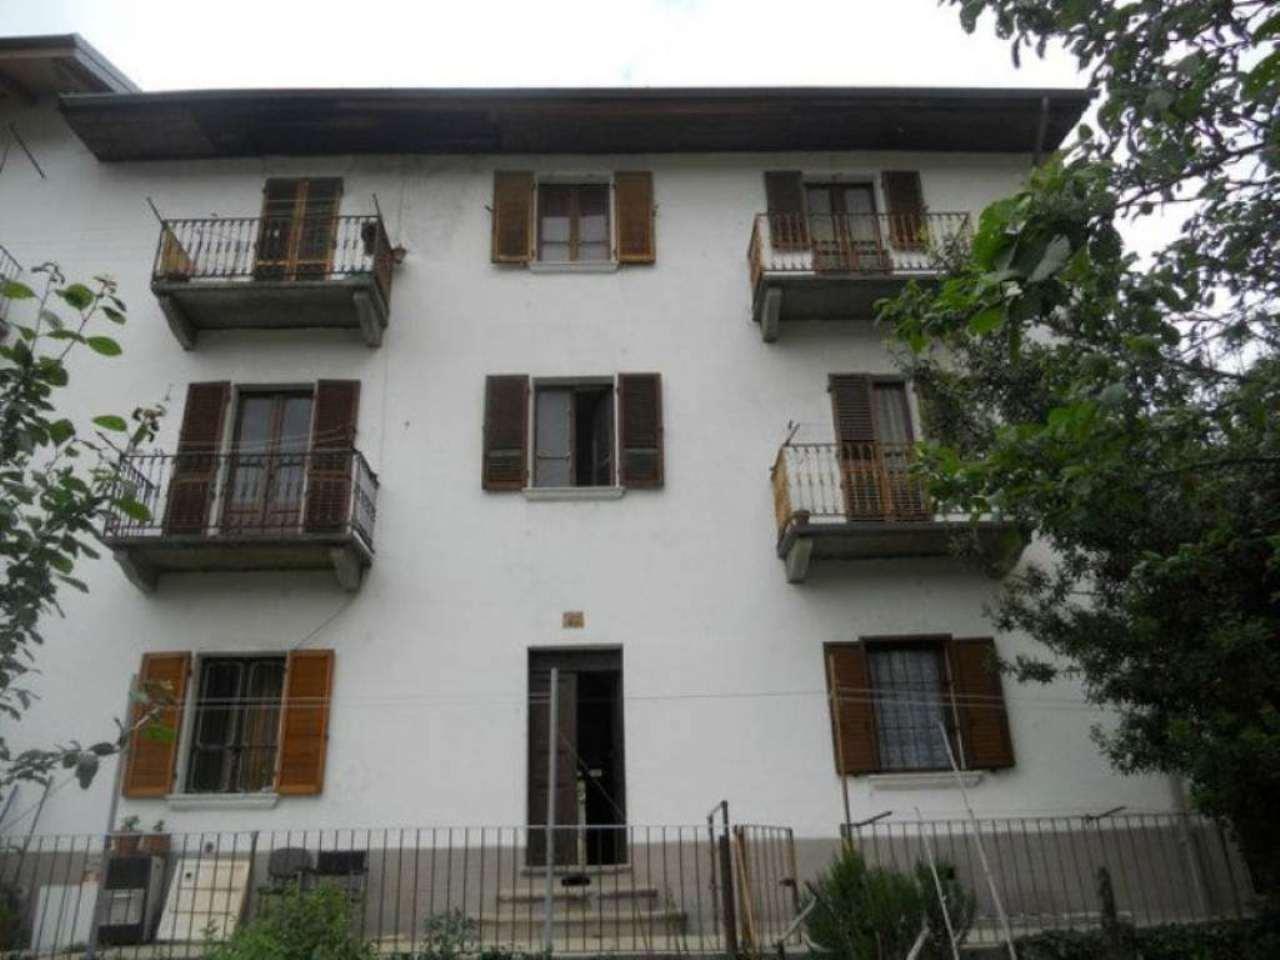 Appartamento in vendita a Bussoleno, 4 locali, prezzo € 55.000 | Cambio Casa.it